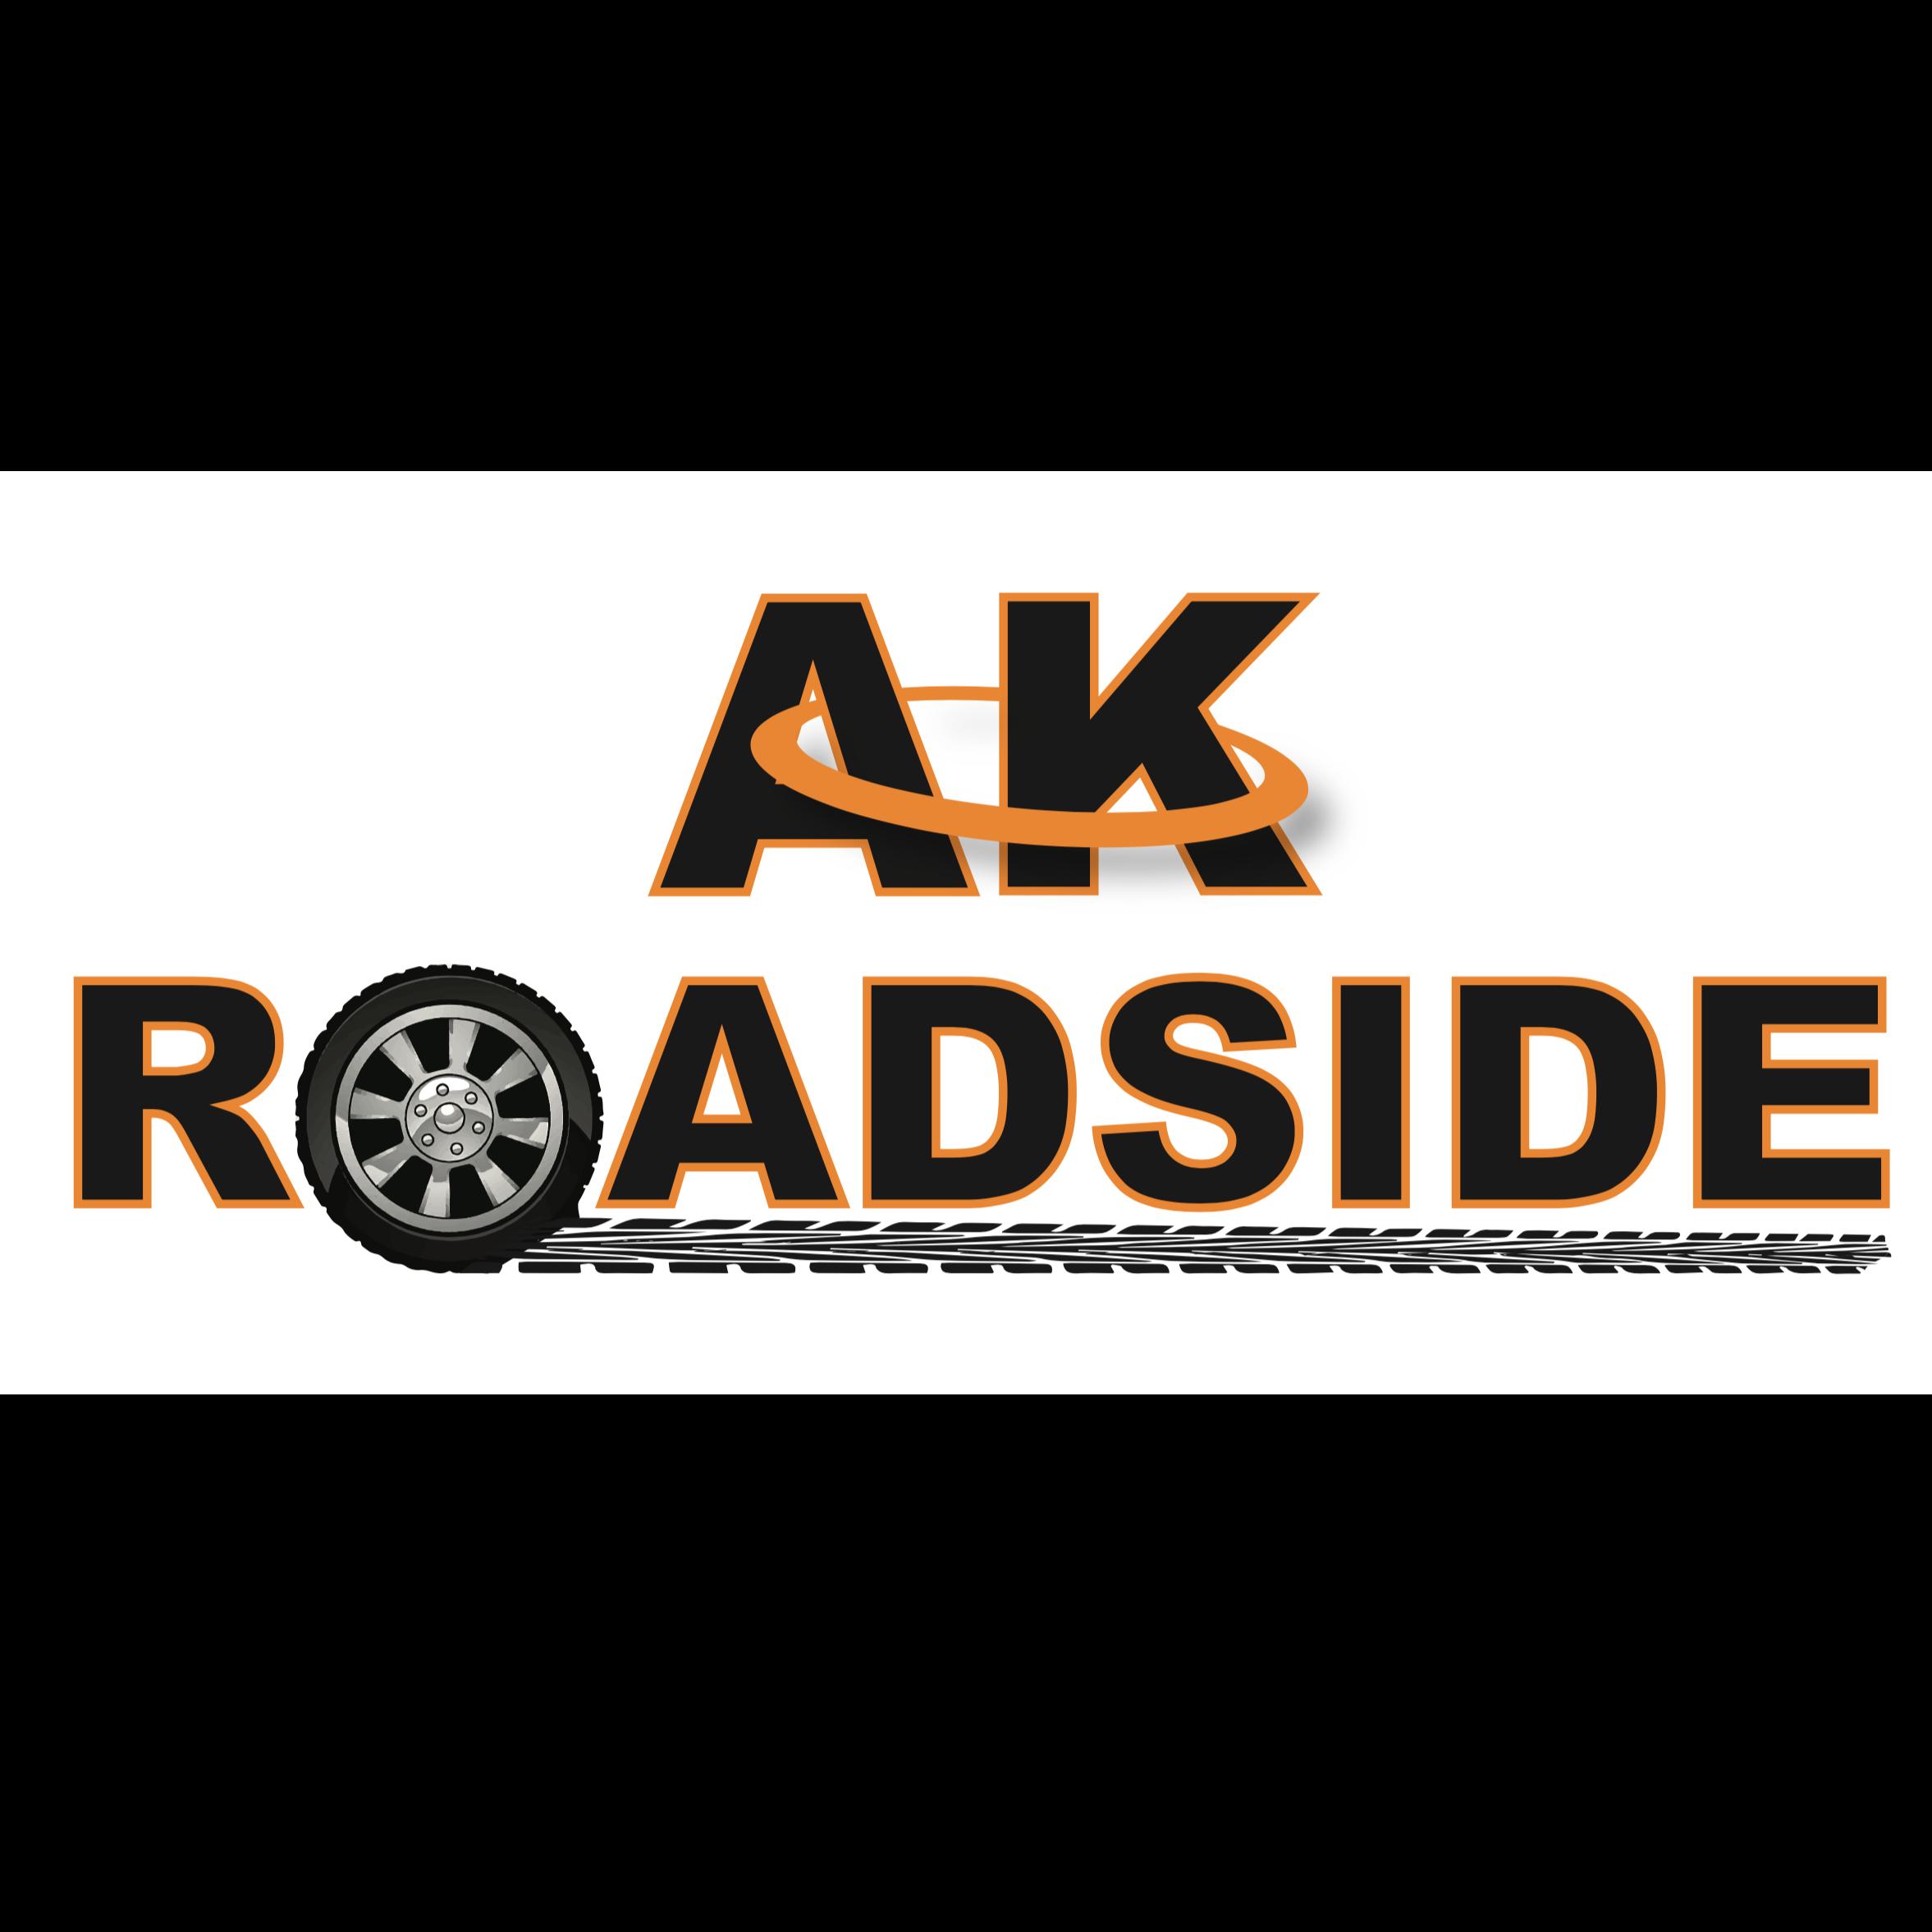 AK Roadside LLC image 7